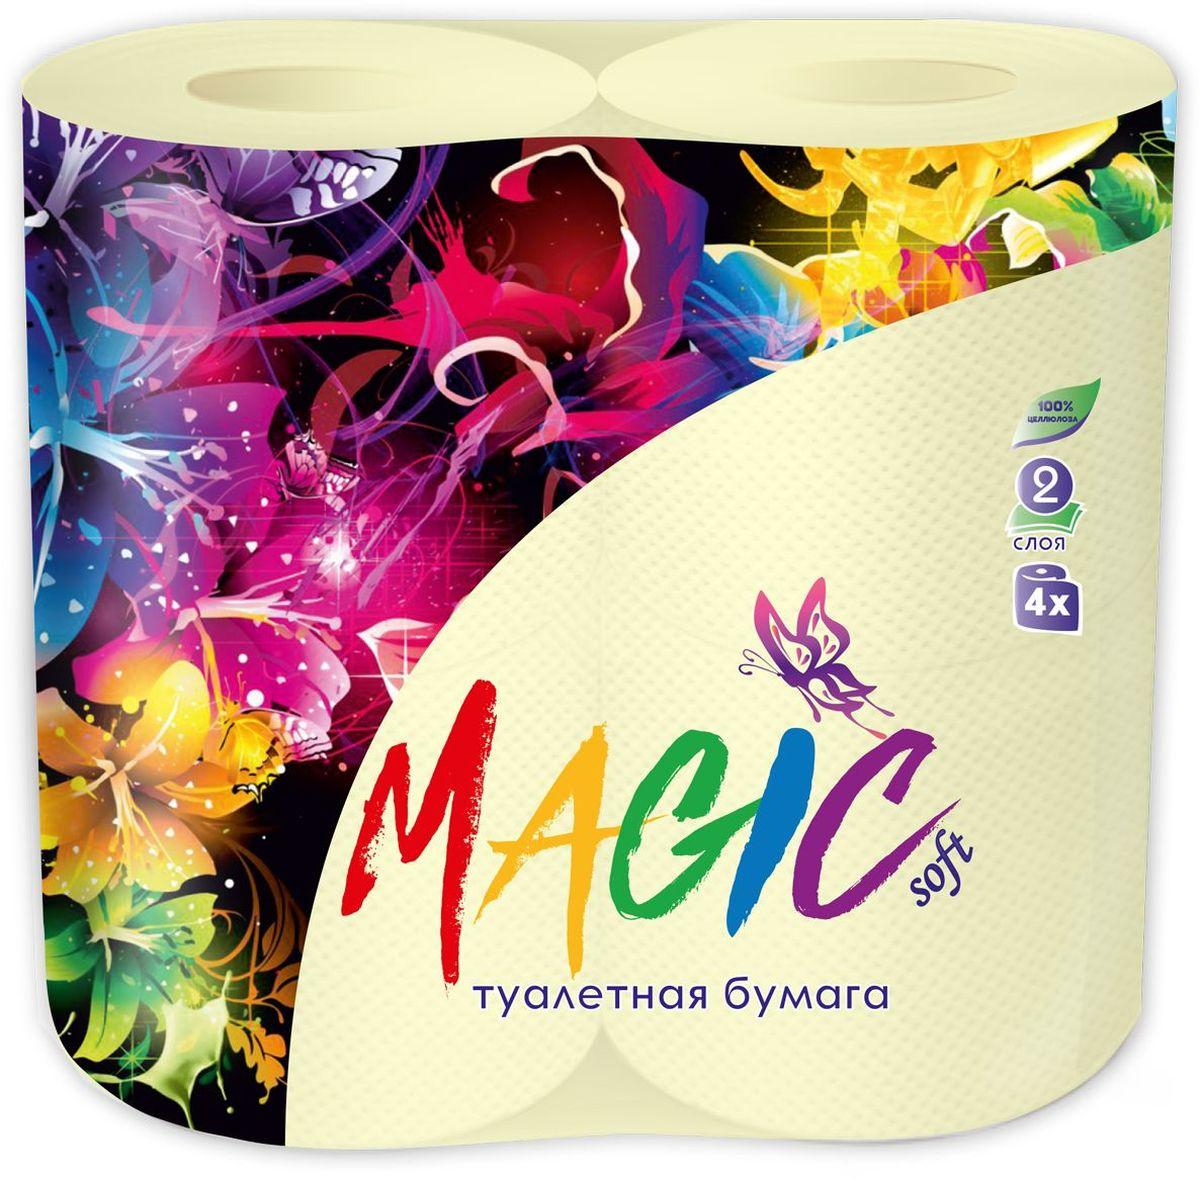 Туалетная бумага Magic Soft, цвет: желтый, 4 рулона010-01199-23Для бытового и санитарно-гигиенического назначения. Одноразового использования.